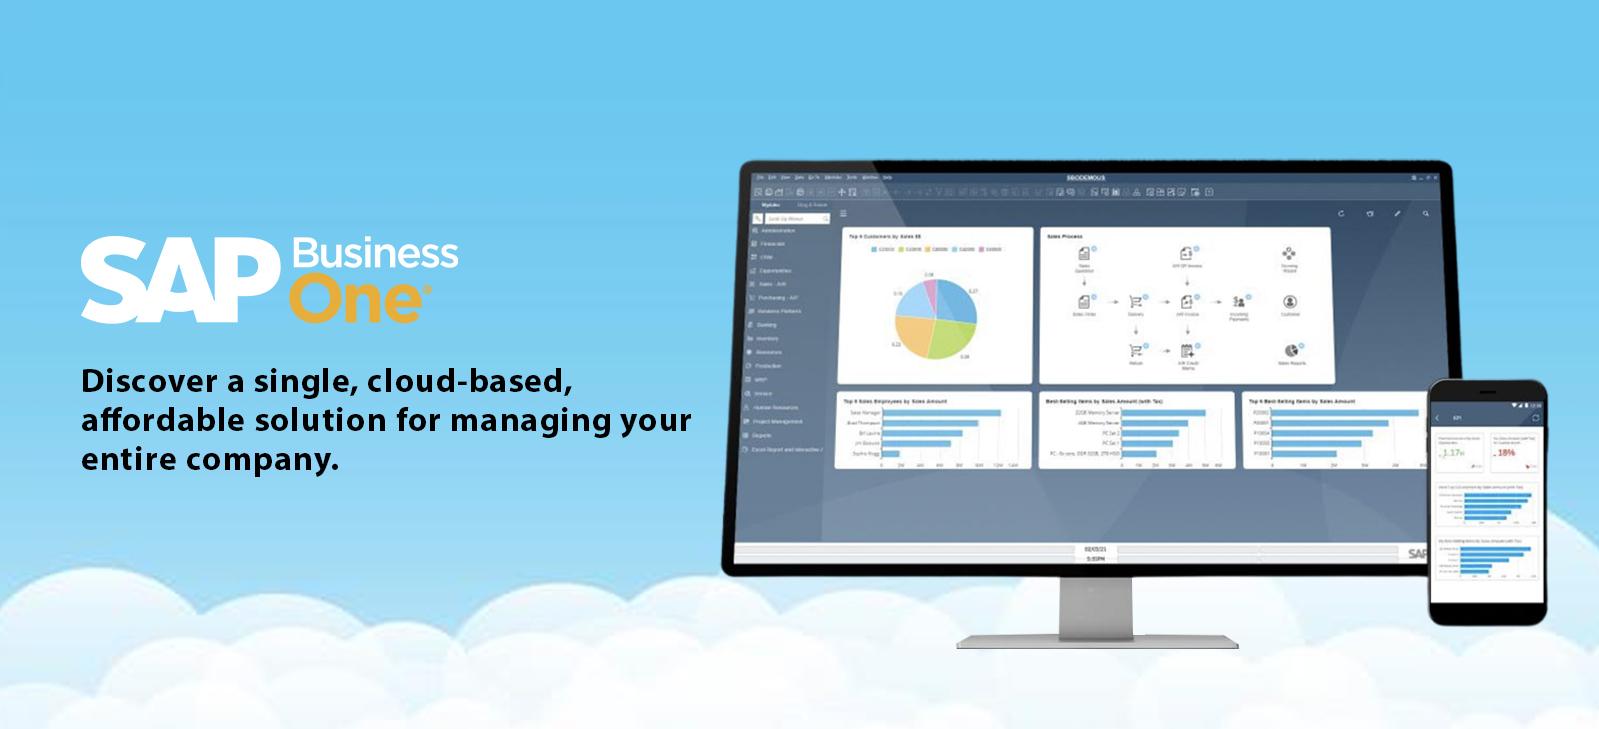 Menguak Alasan Pentingnya Implementasi SAP Cloud Platform Di Perusahaan